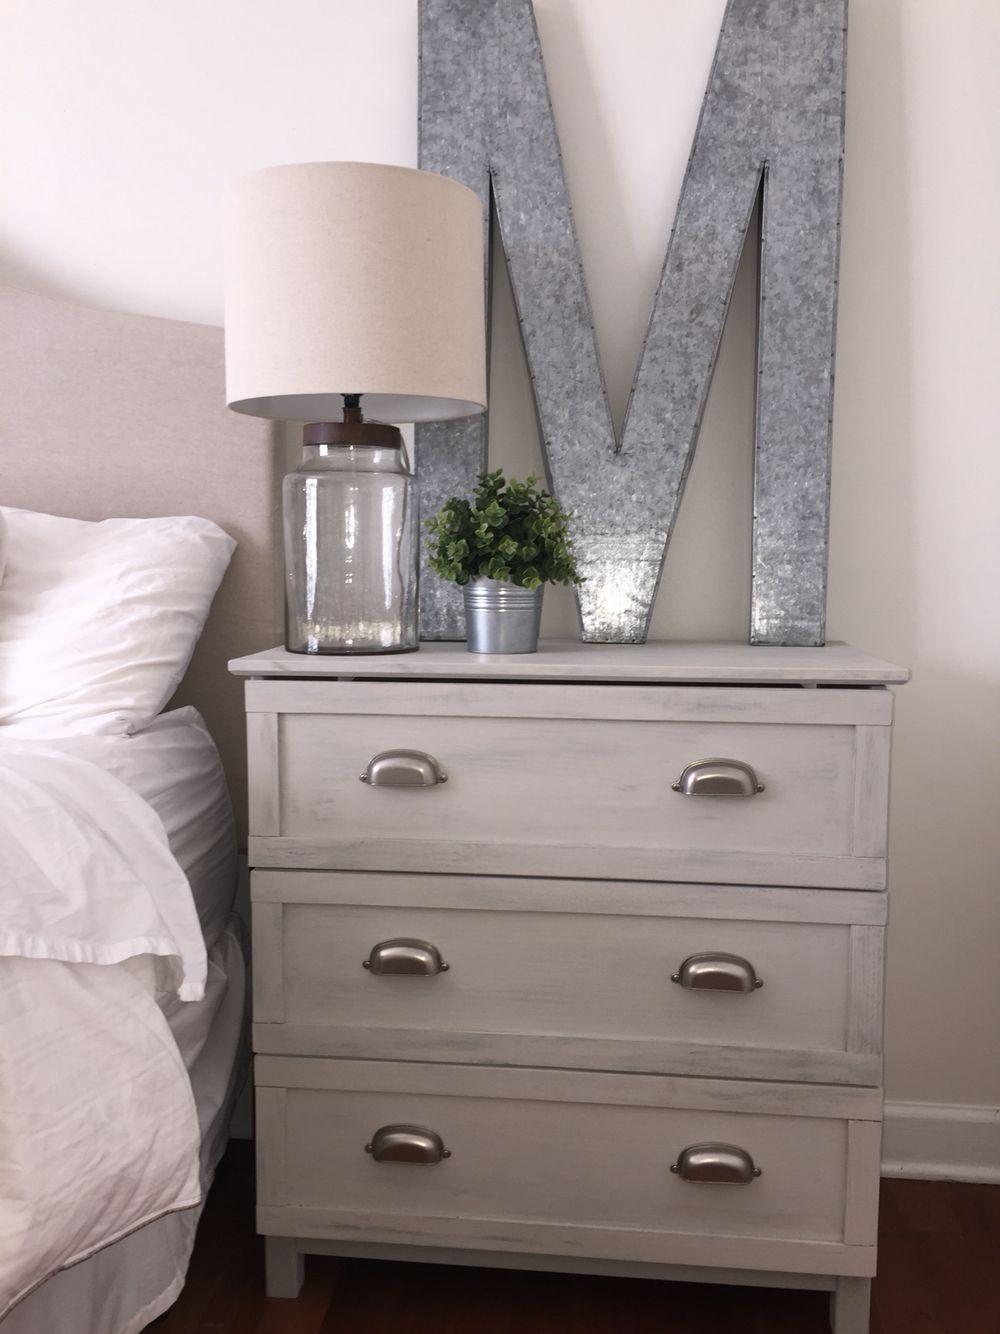 Ikea dresser hack diy nightstand unique ikea bedroom - Dresser for small room ...